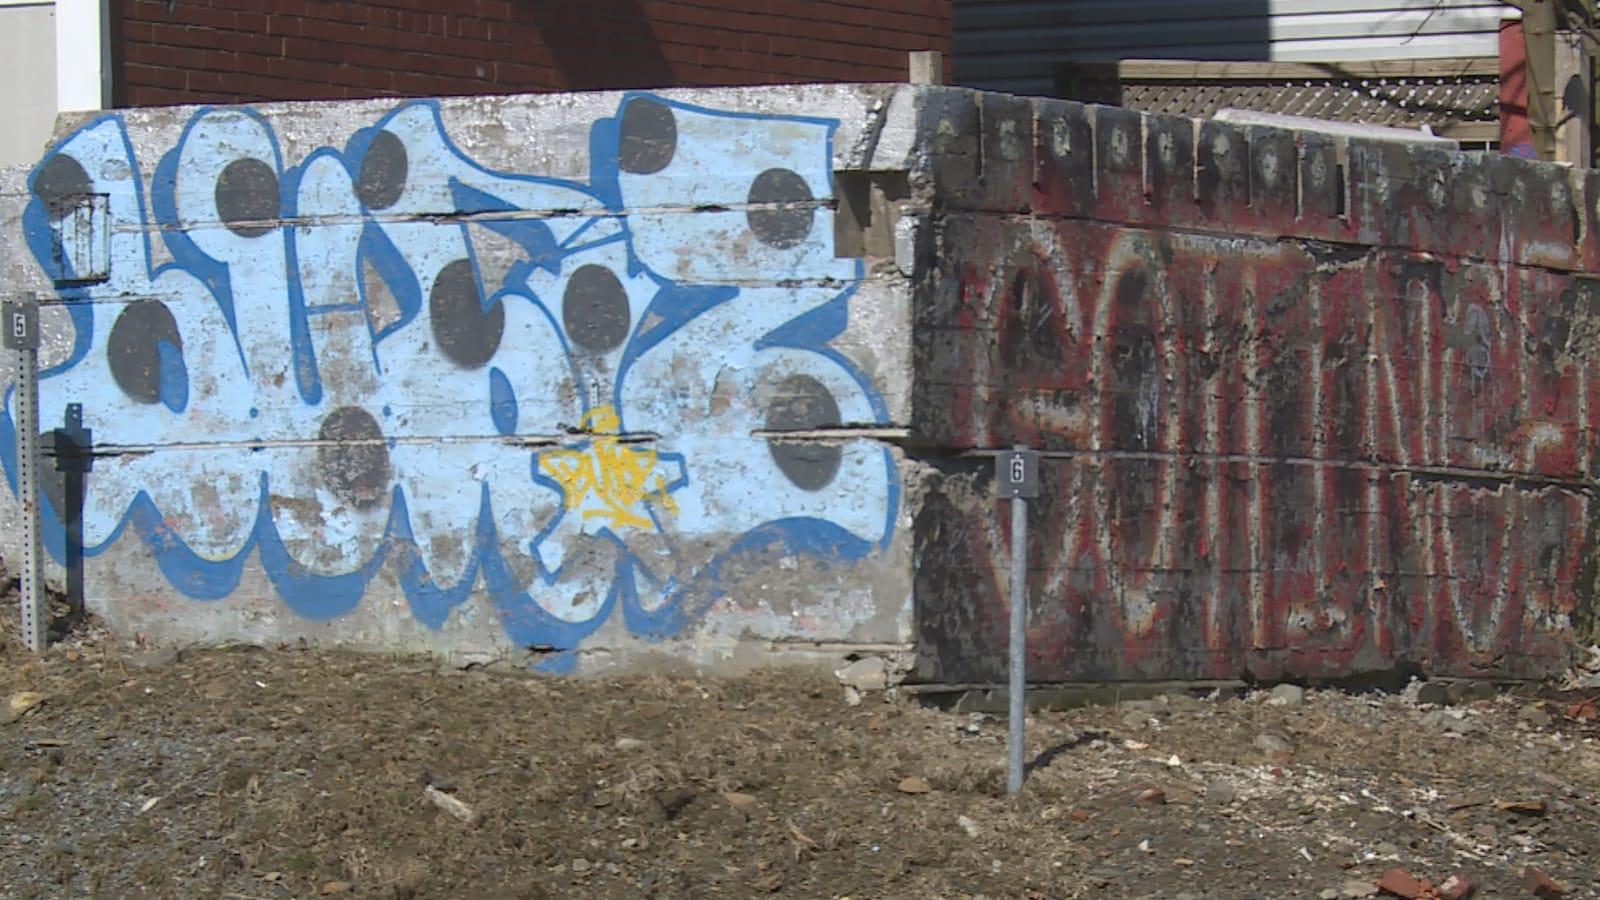 Des murs couverts de graffitis à Halifax.